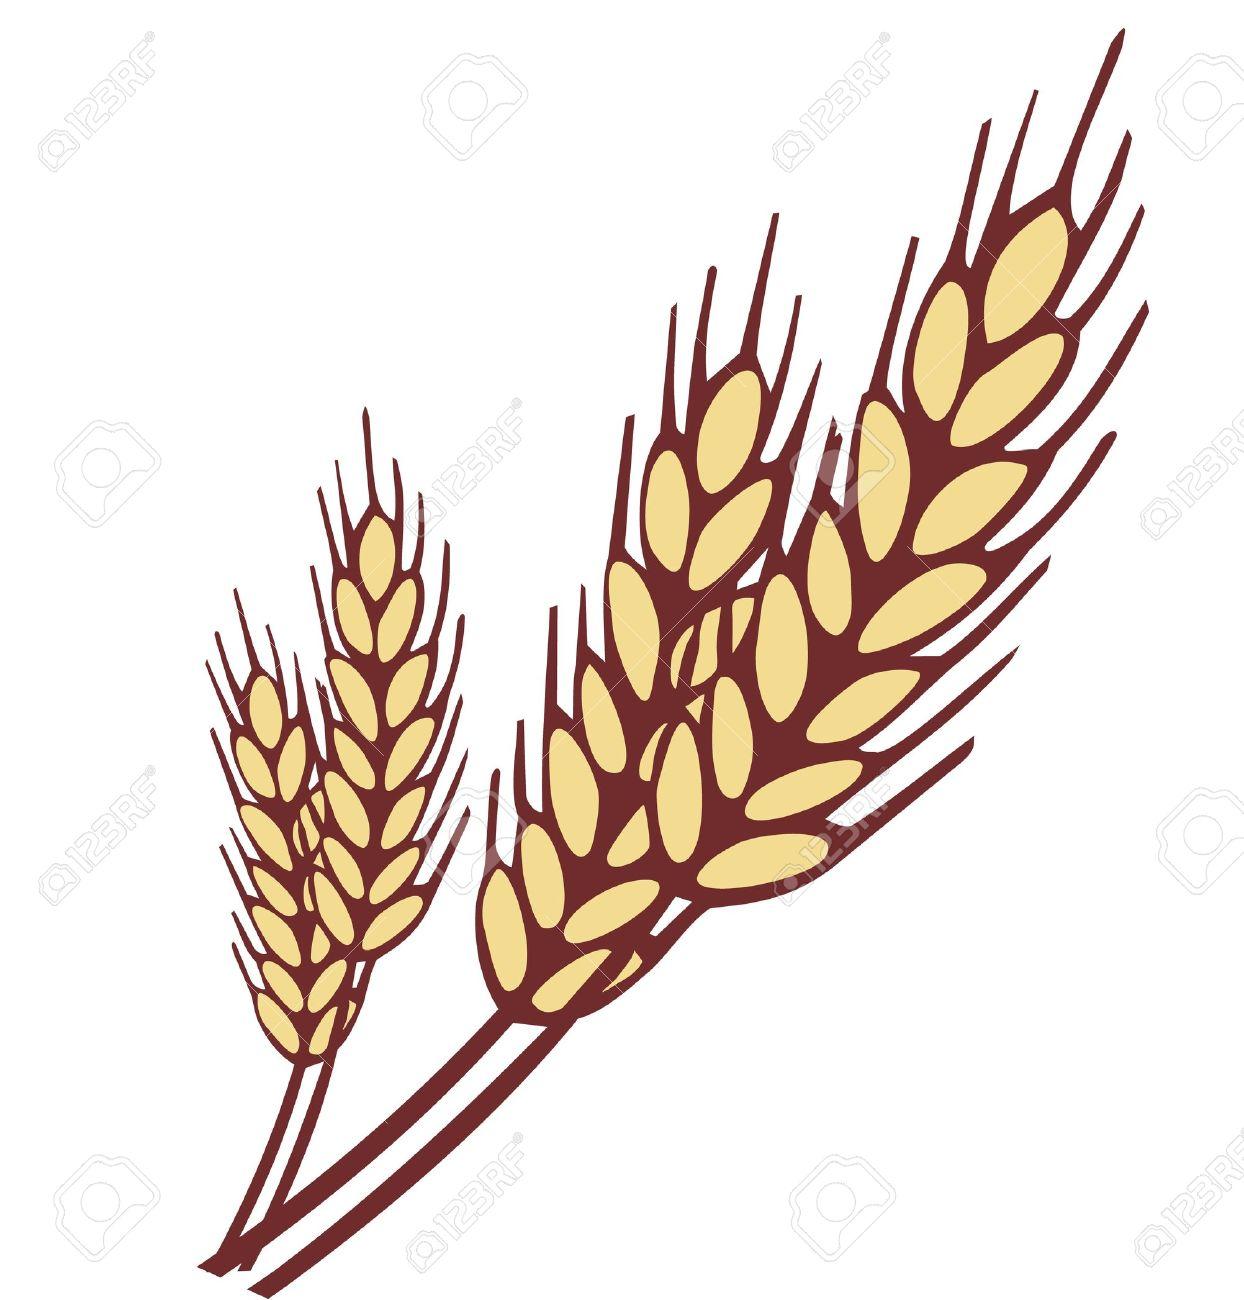 Wheat ear Stock Vector - 18010398